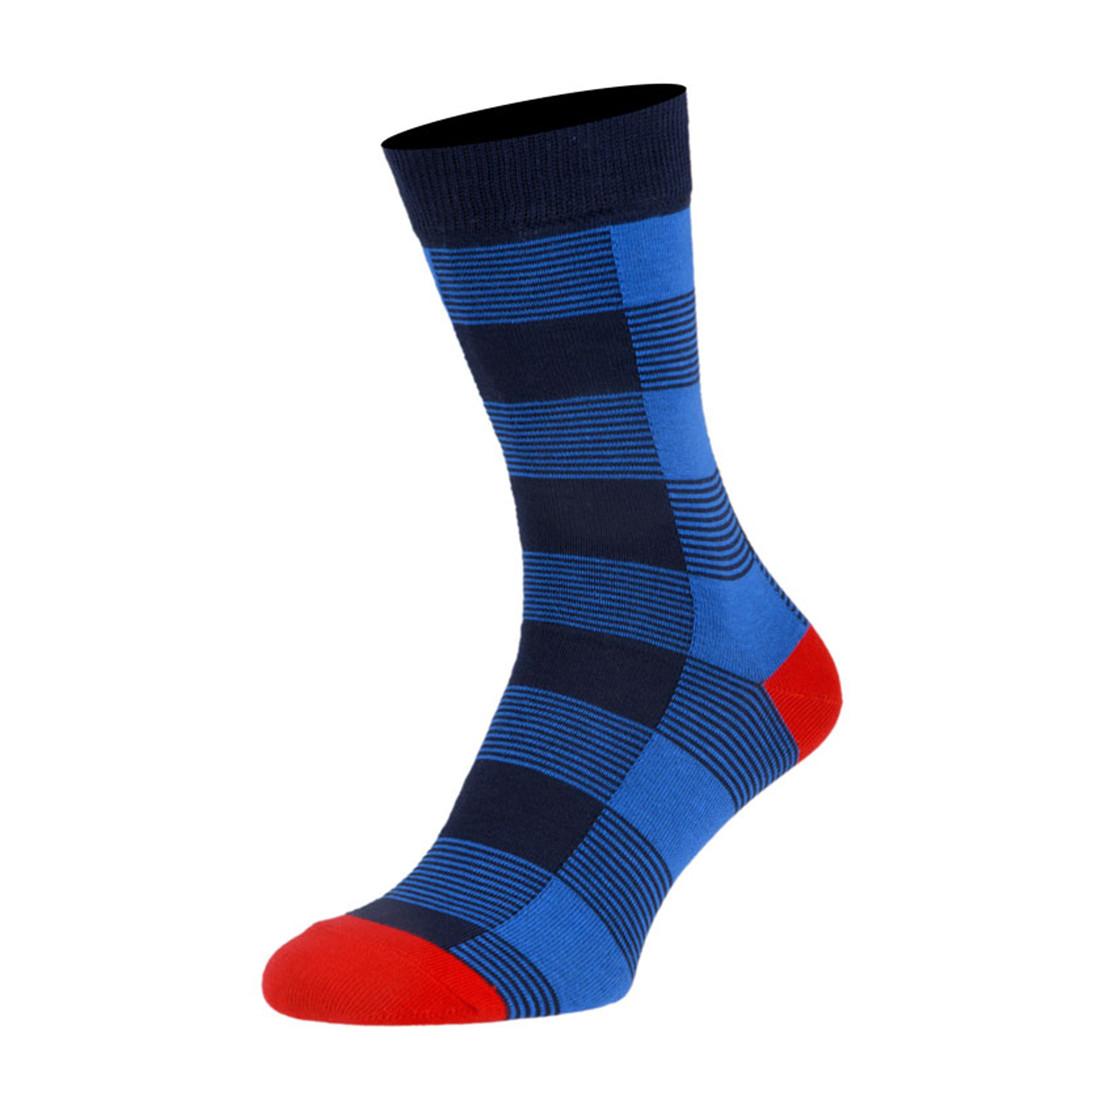 Шкарпетки чоловічі кольорові з бавовни, синя клітинка